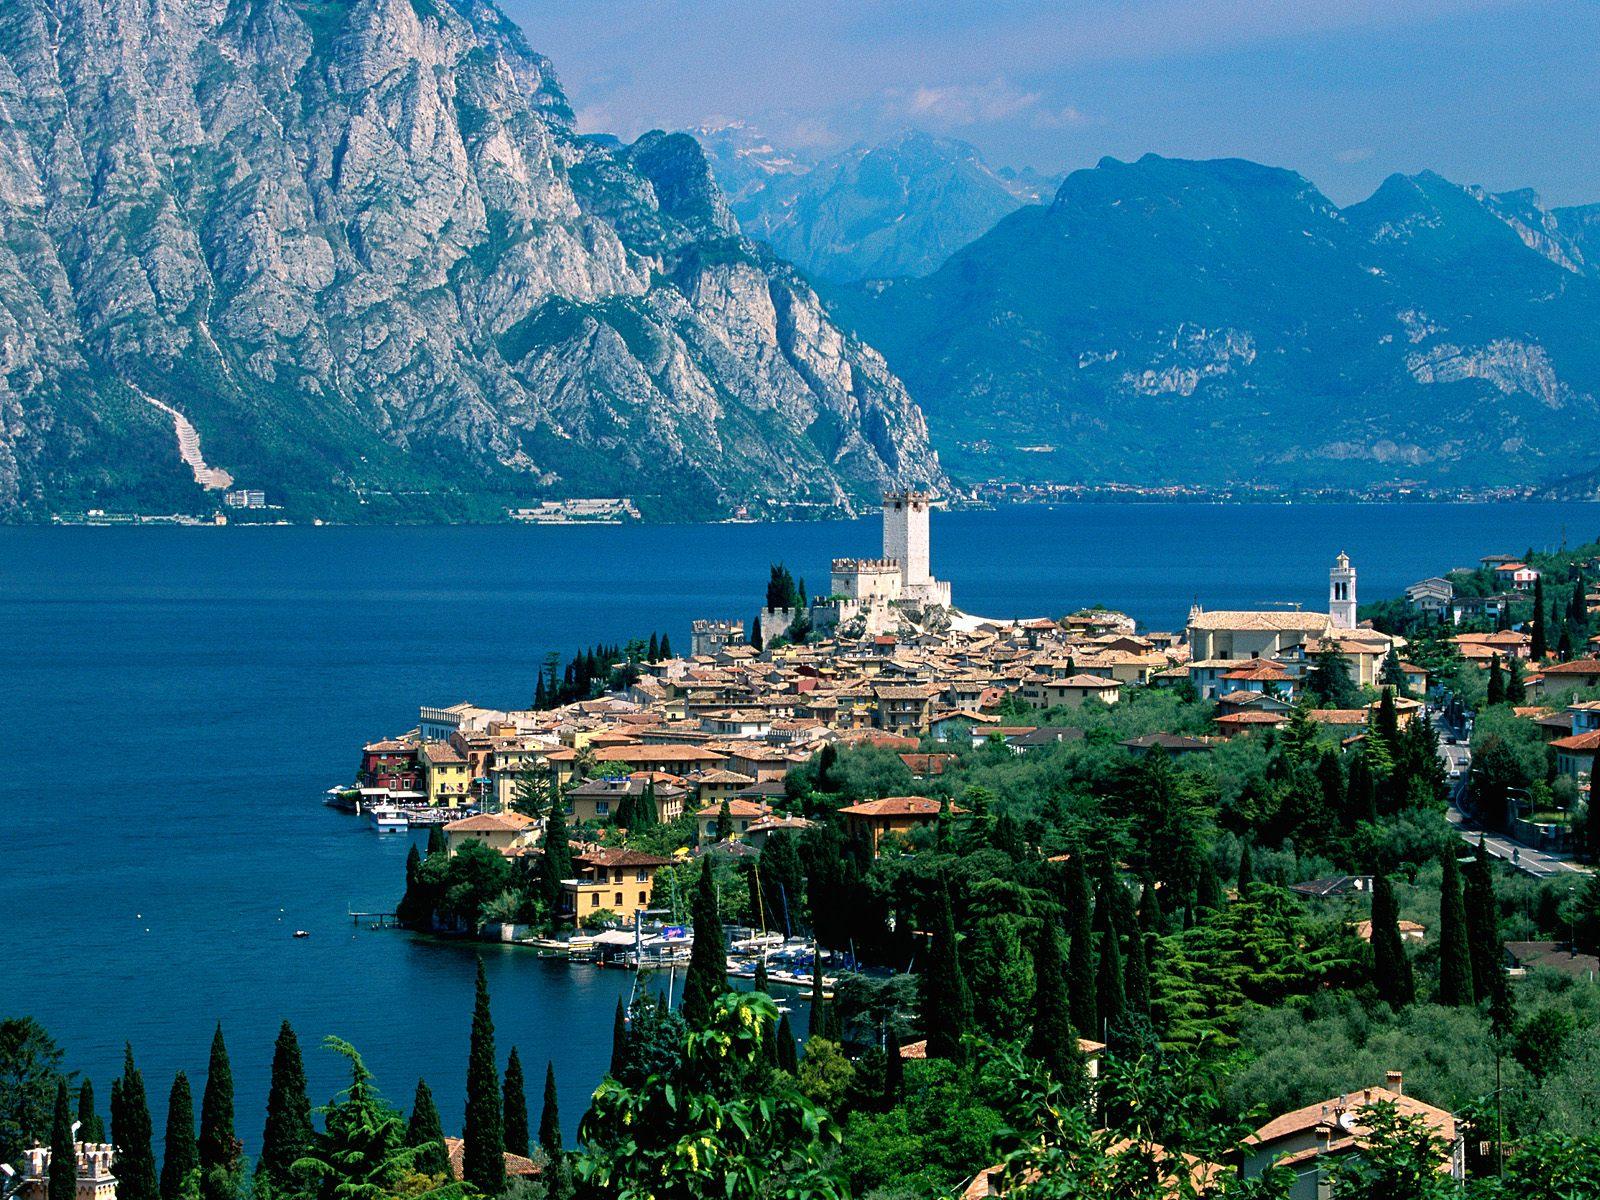 Giardino Zen Lago Di Garda : Le mete per un perfetto picnic coolture hunter